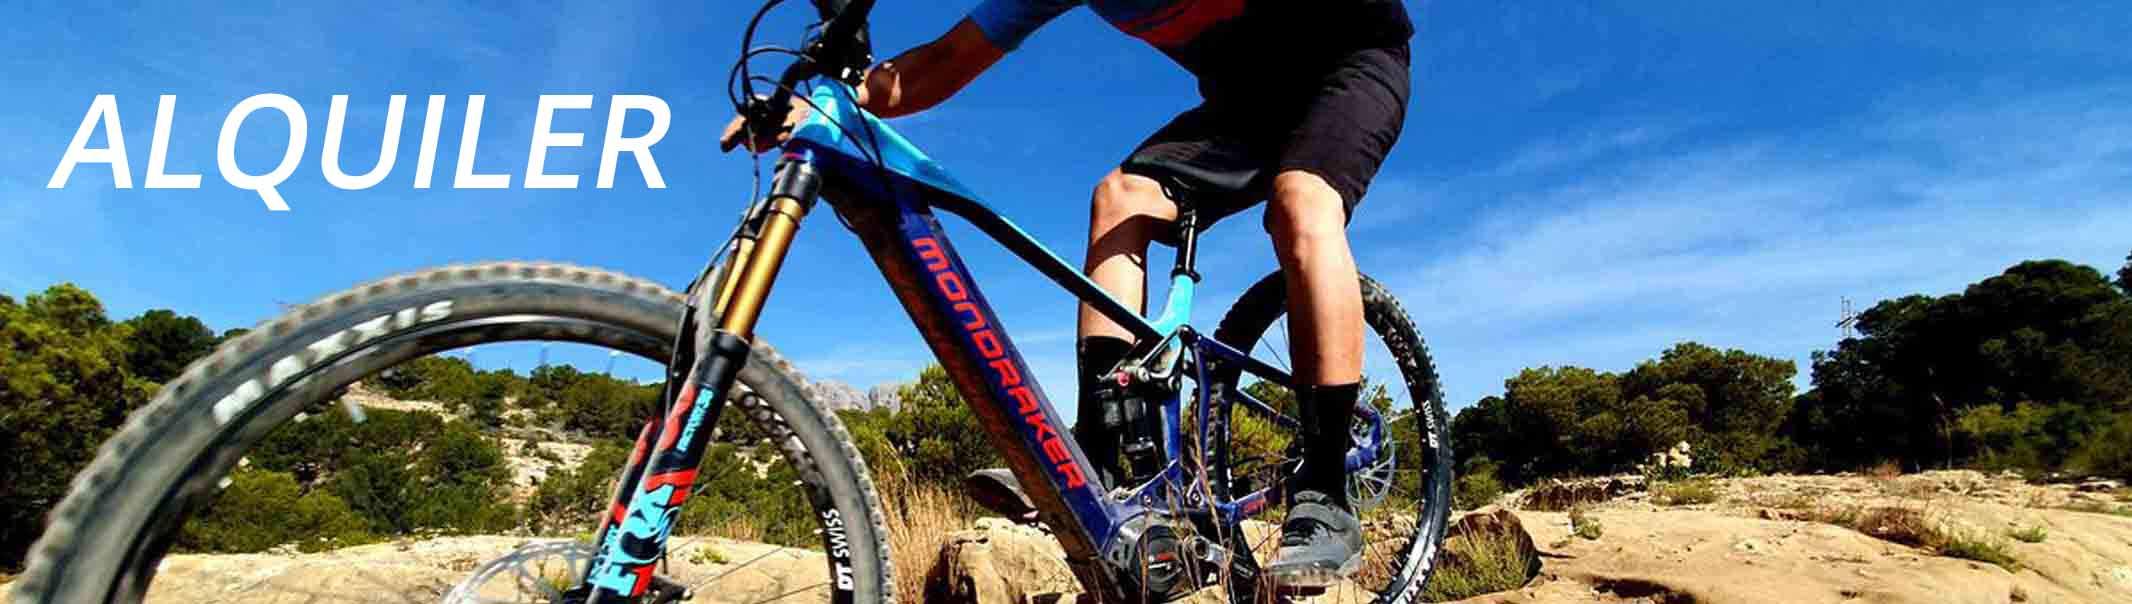 alquiler de bicicletas en villanueva del pardillo madrid